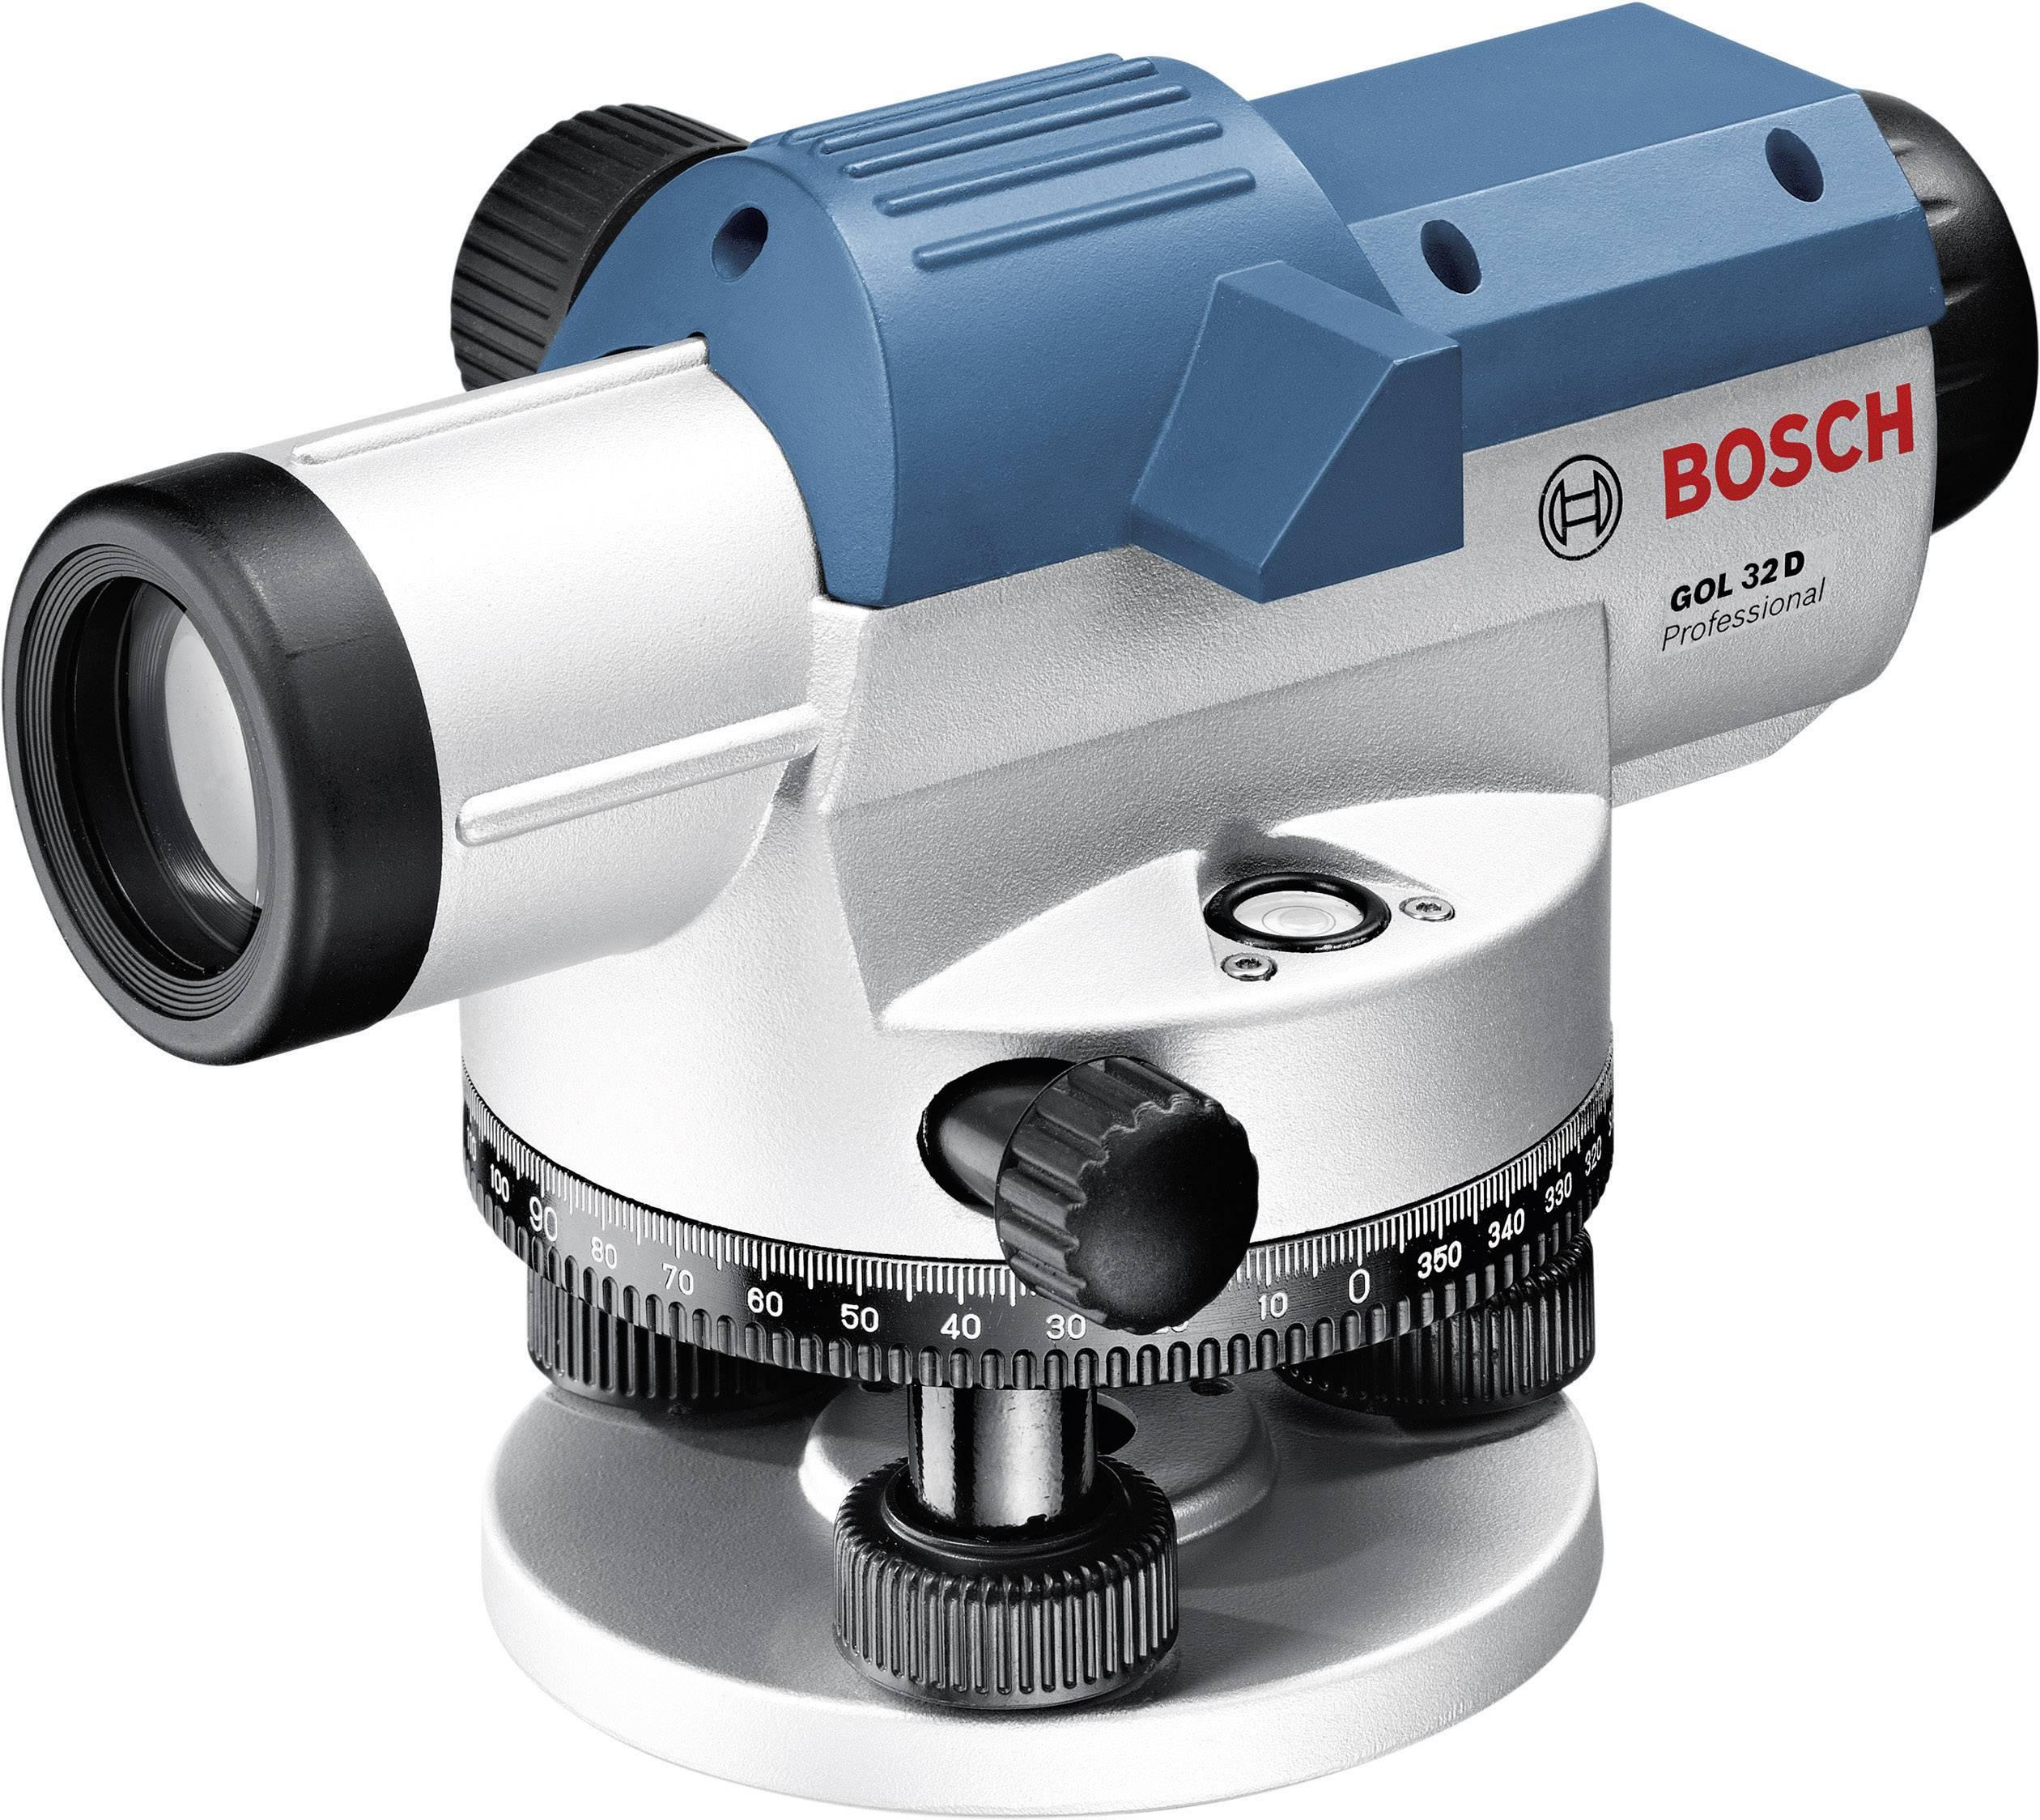 Bosch Professional GOL 32 D, dosah (max.): 120 m, ATT.INT.OPTICAL_MAGNIFICATION_MAX: 32 x